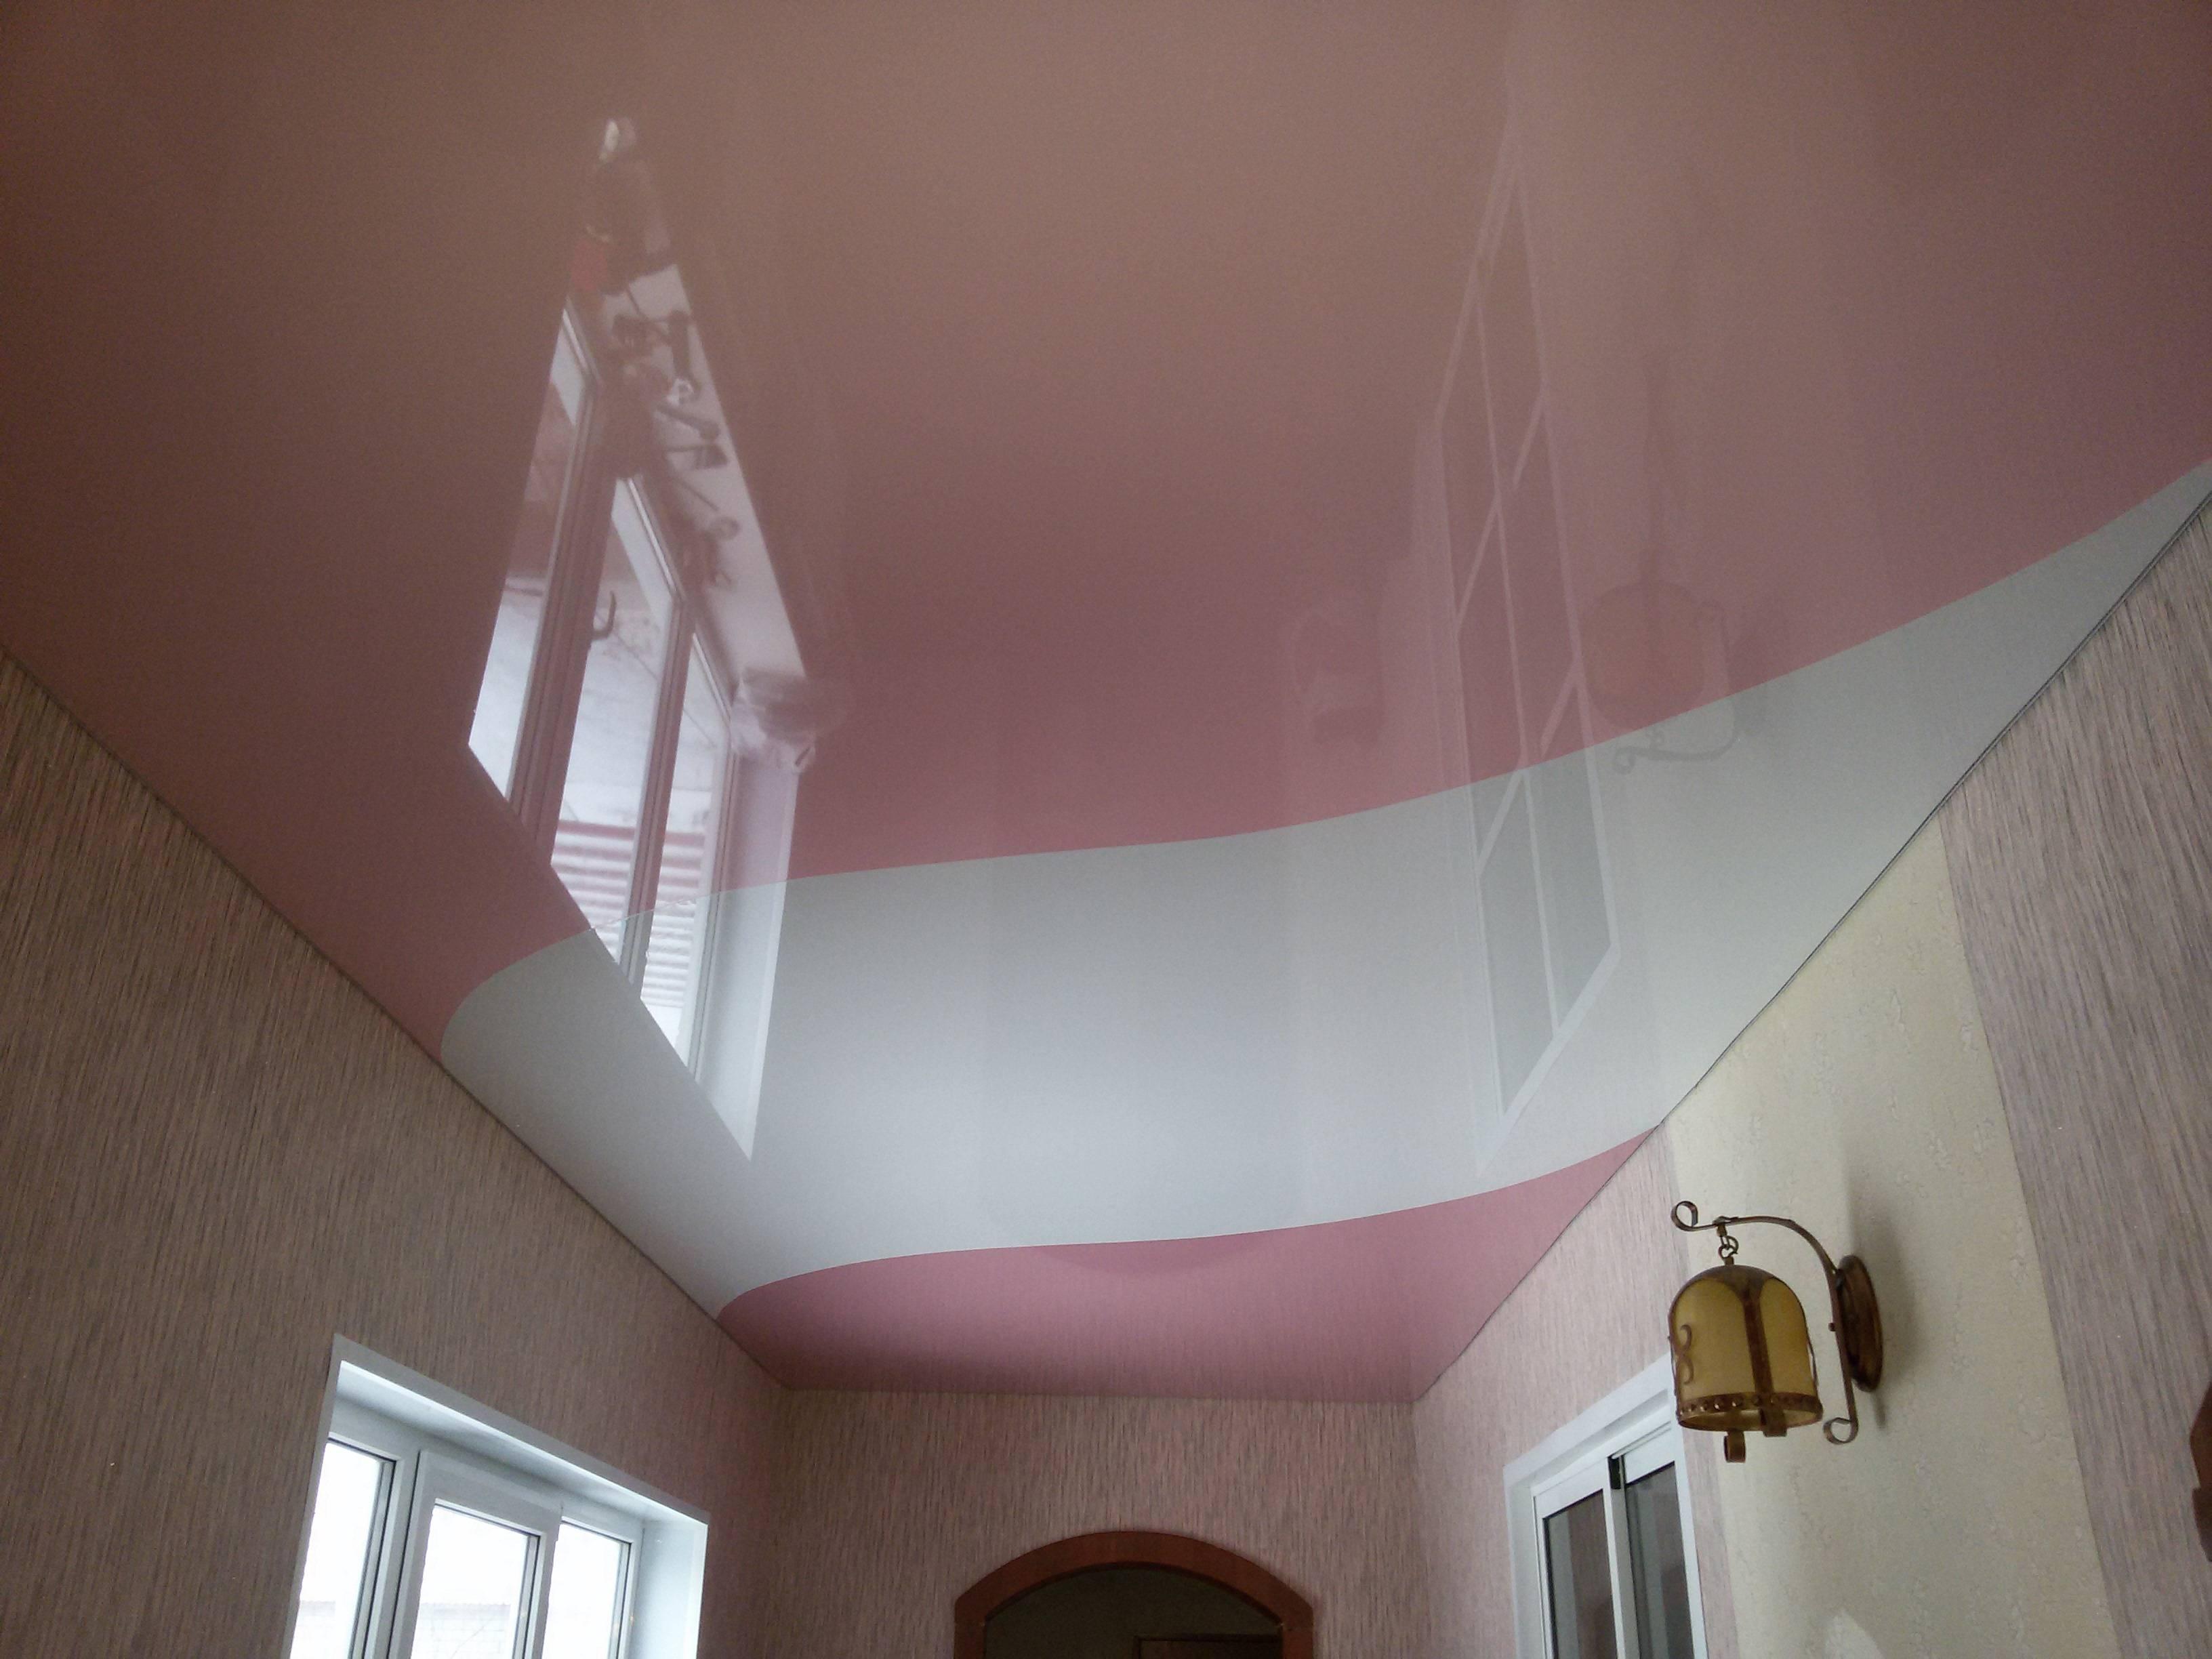 Двухцветные натяжные потолки – плюсы и минусы, виды, технические особенности и варианты расположения